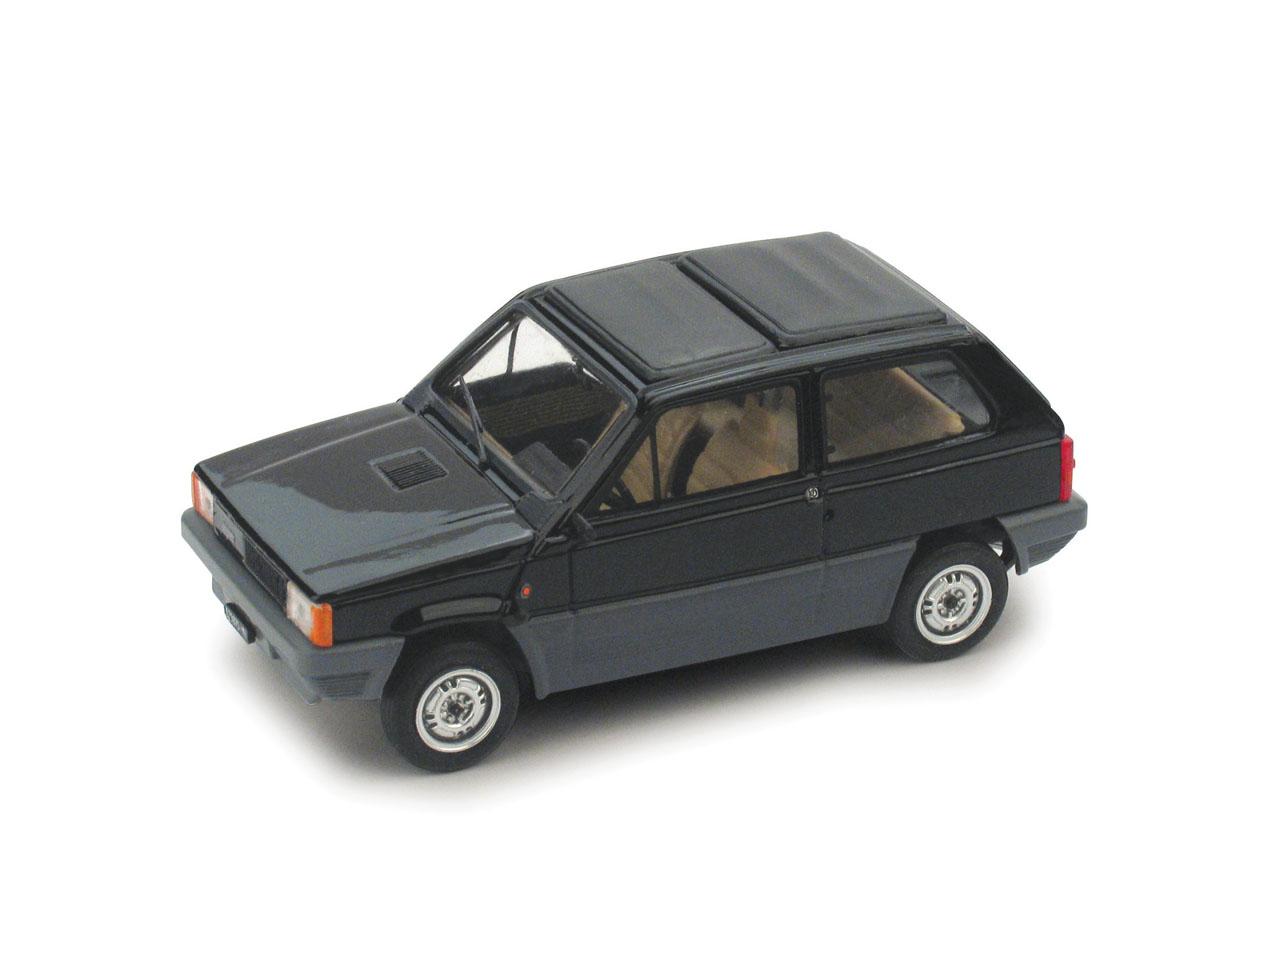 Fiat Panda 45 Techo de lona cerrado (1981) Brumm 1/43 Negro Luxor